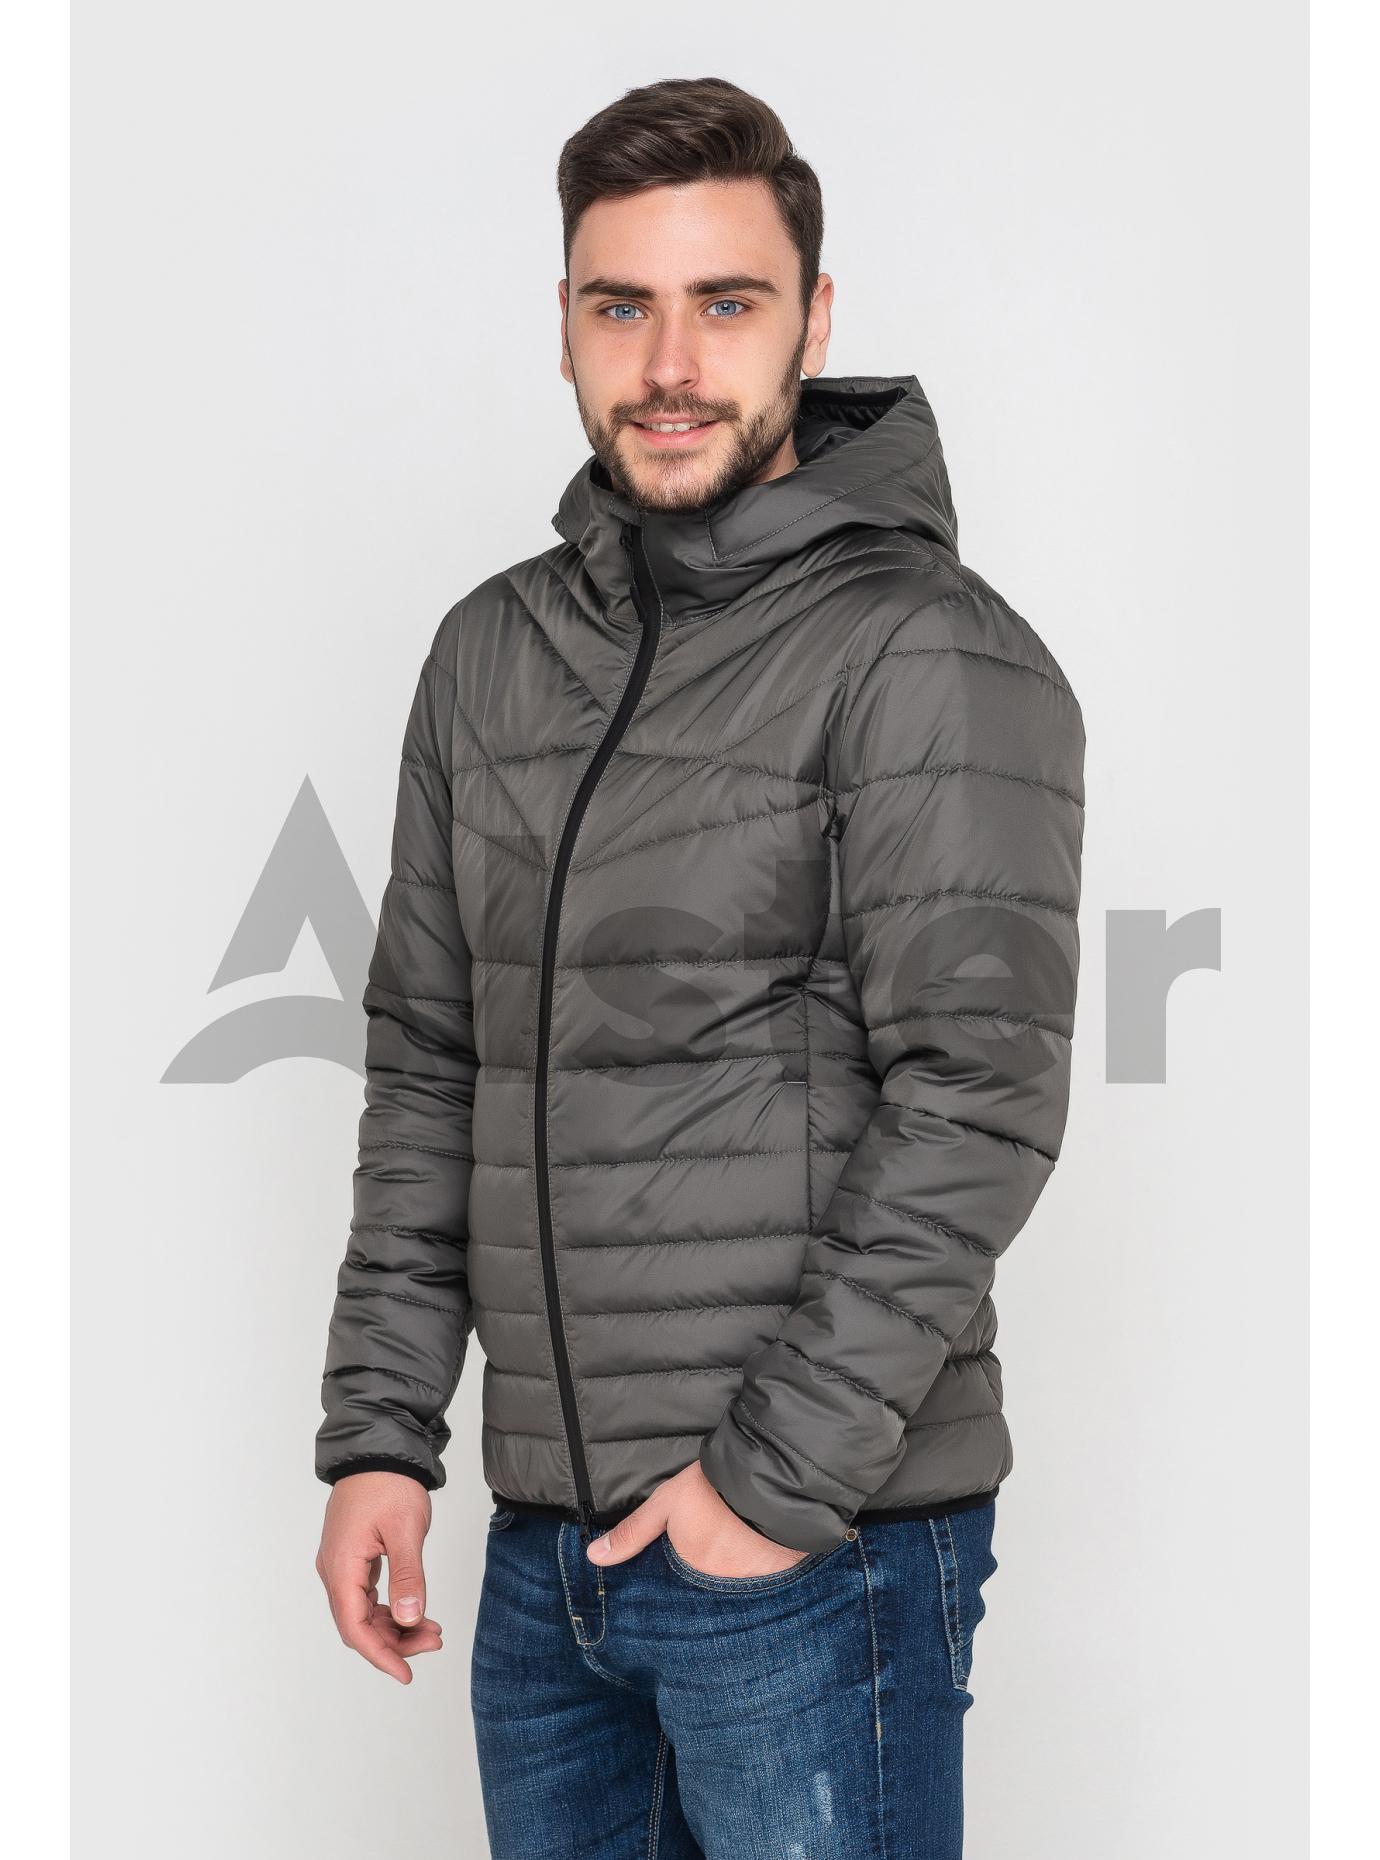 Куртка чоловіча з капюшоном Графітовий 46 (02-MT21050): фото - Alster.ua